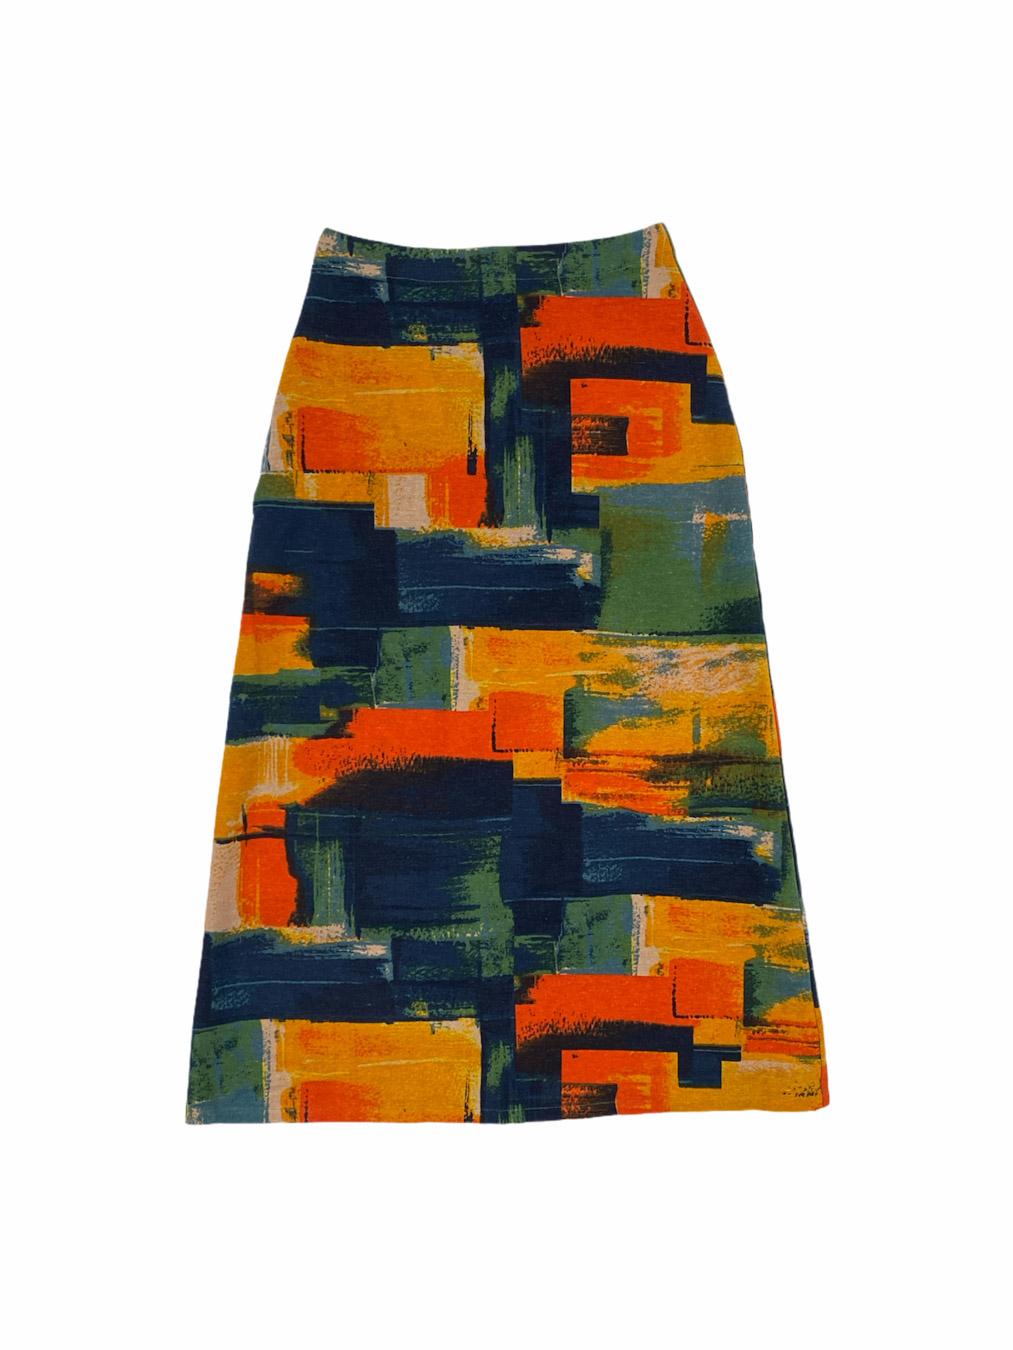 Maxi Skirt in Sunset